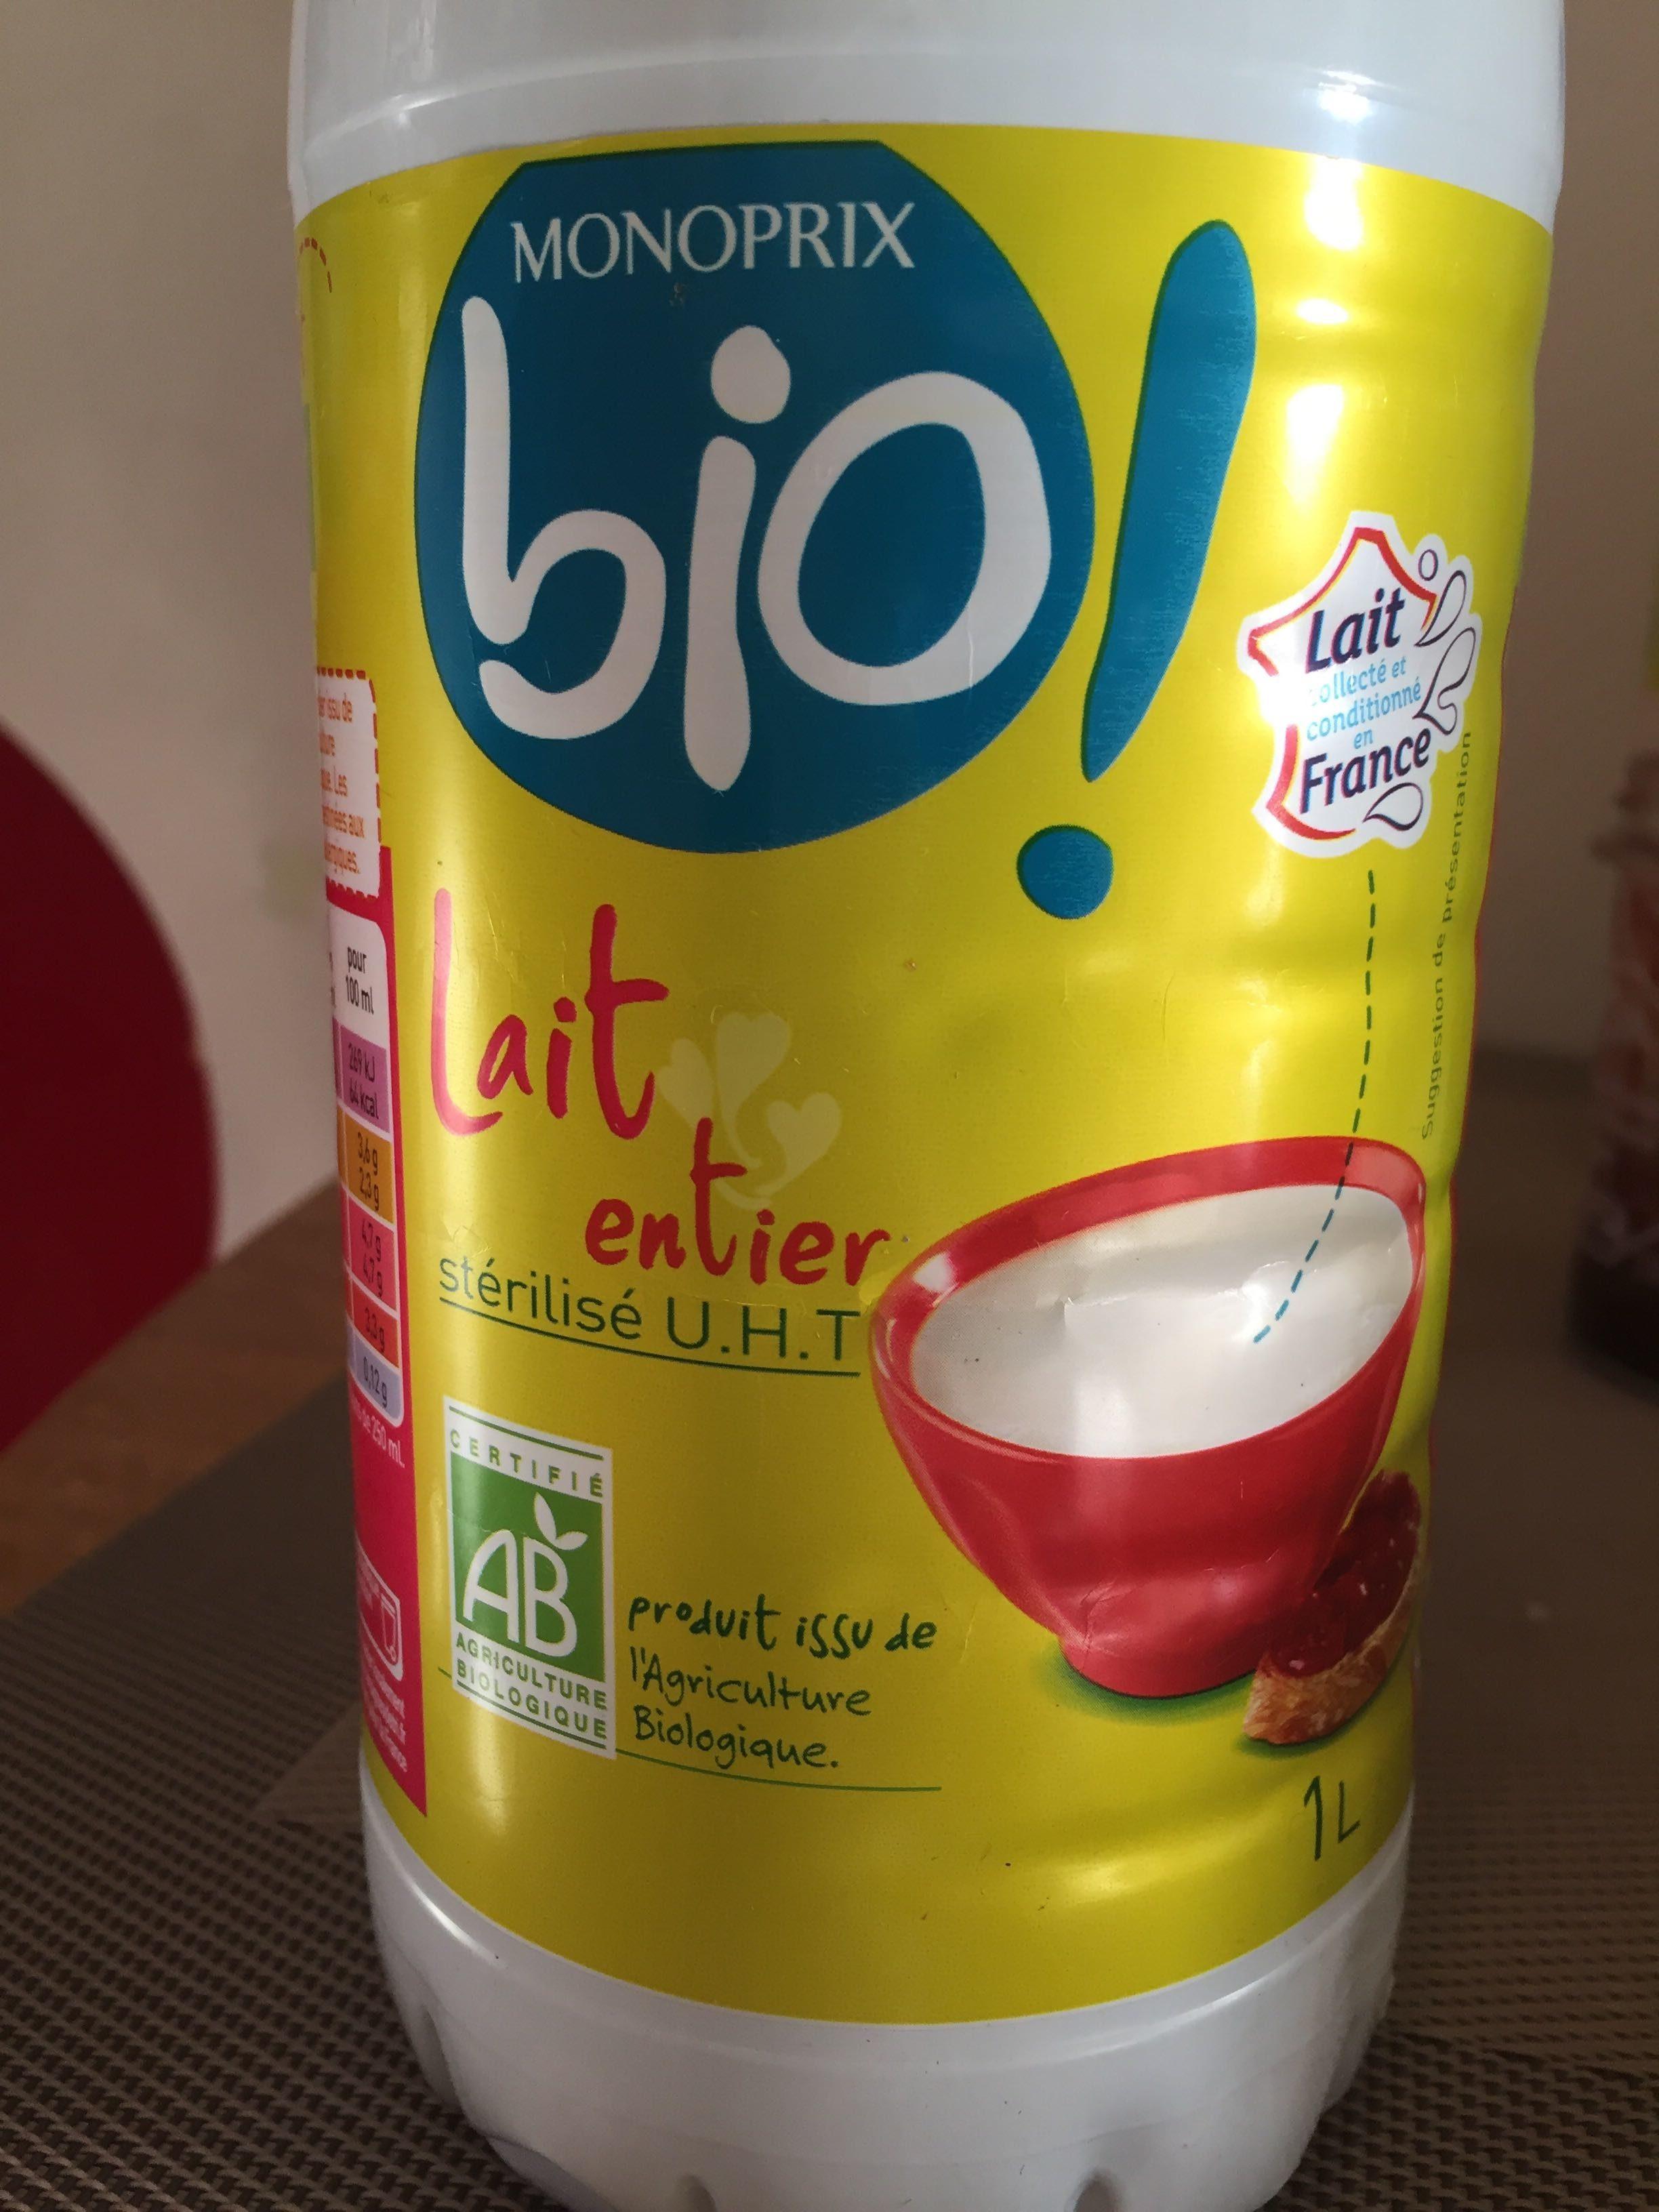 Lait entier stérilisé UHT bio - Product - fr